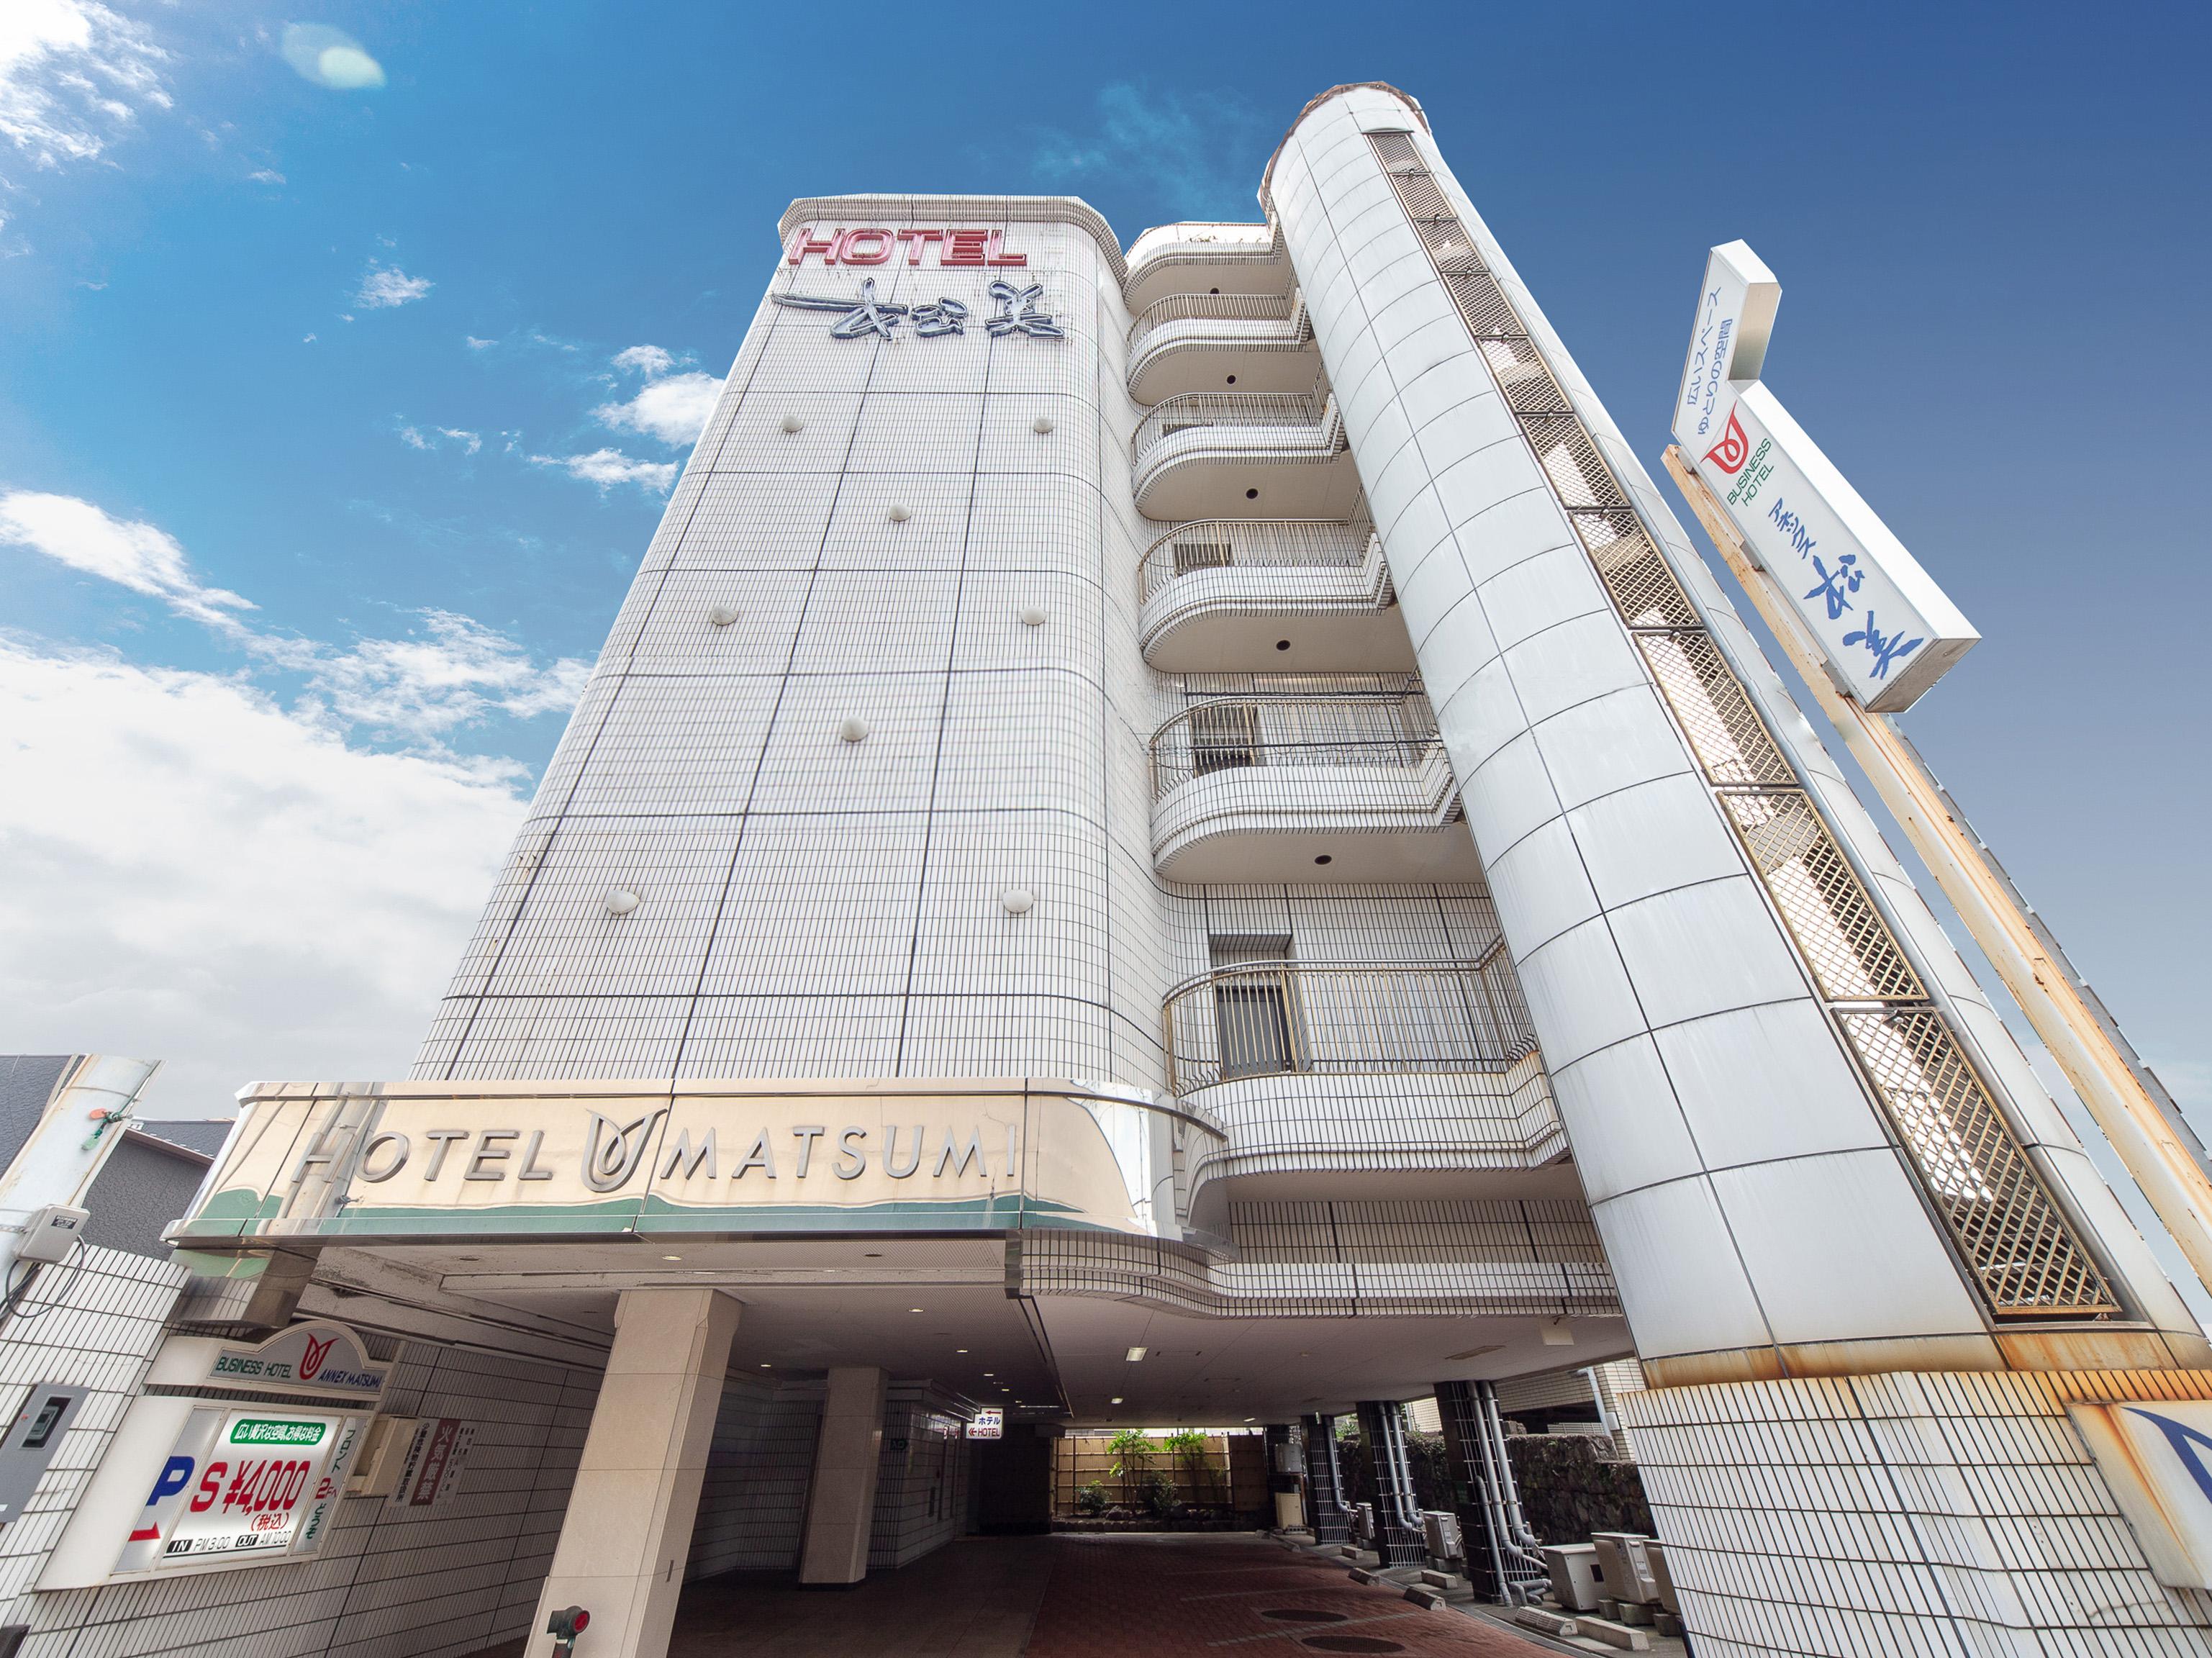 ホテルアネックス松美の外観